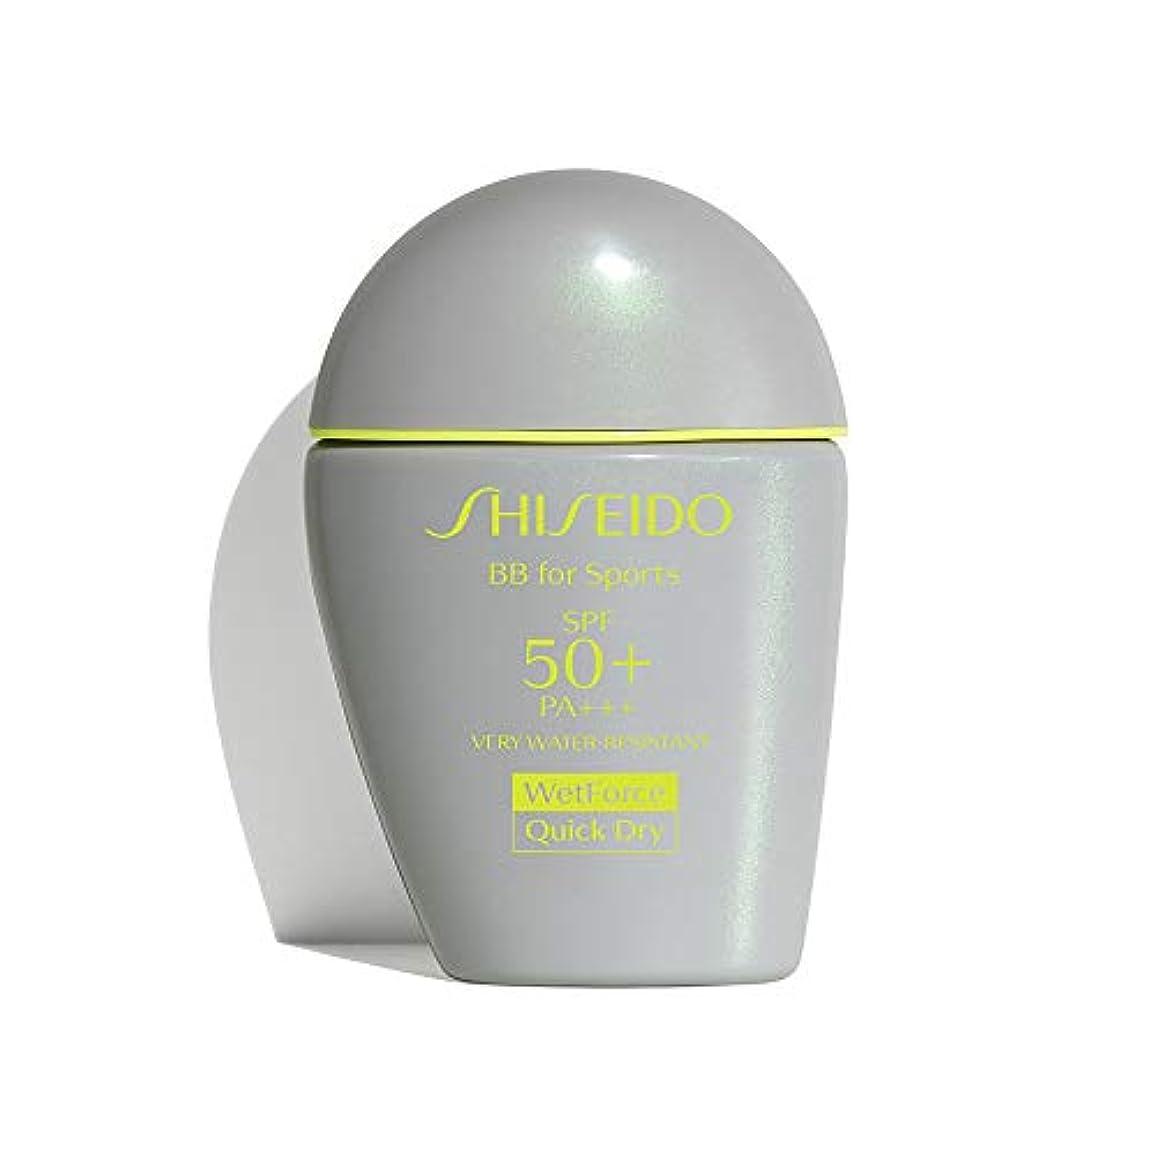 知覚コンピューター疲労SHISEIDO(資生堂) サンケア BB フォー スポーツ QD_SPF50+?PA+++ (ミディアム)